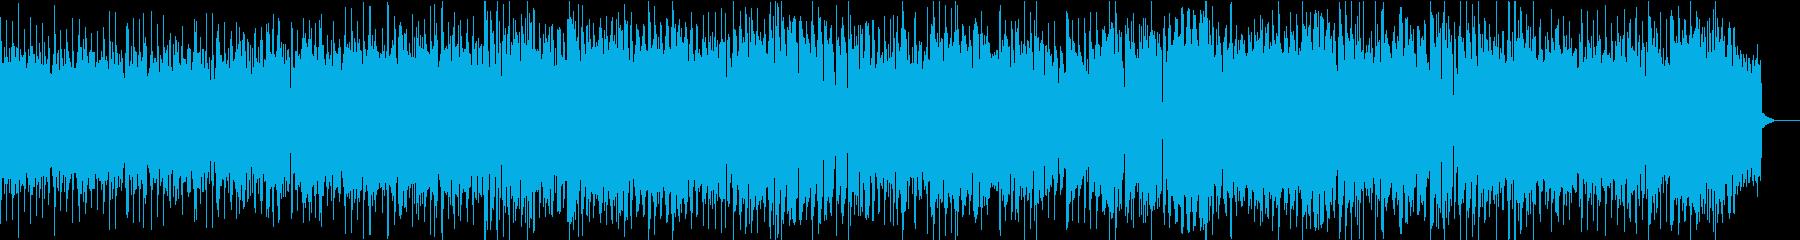 激シブなオルガンスローブルースの再生済みの波形